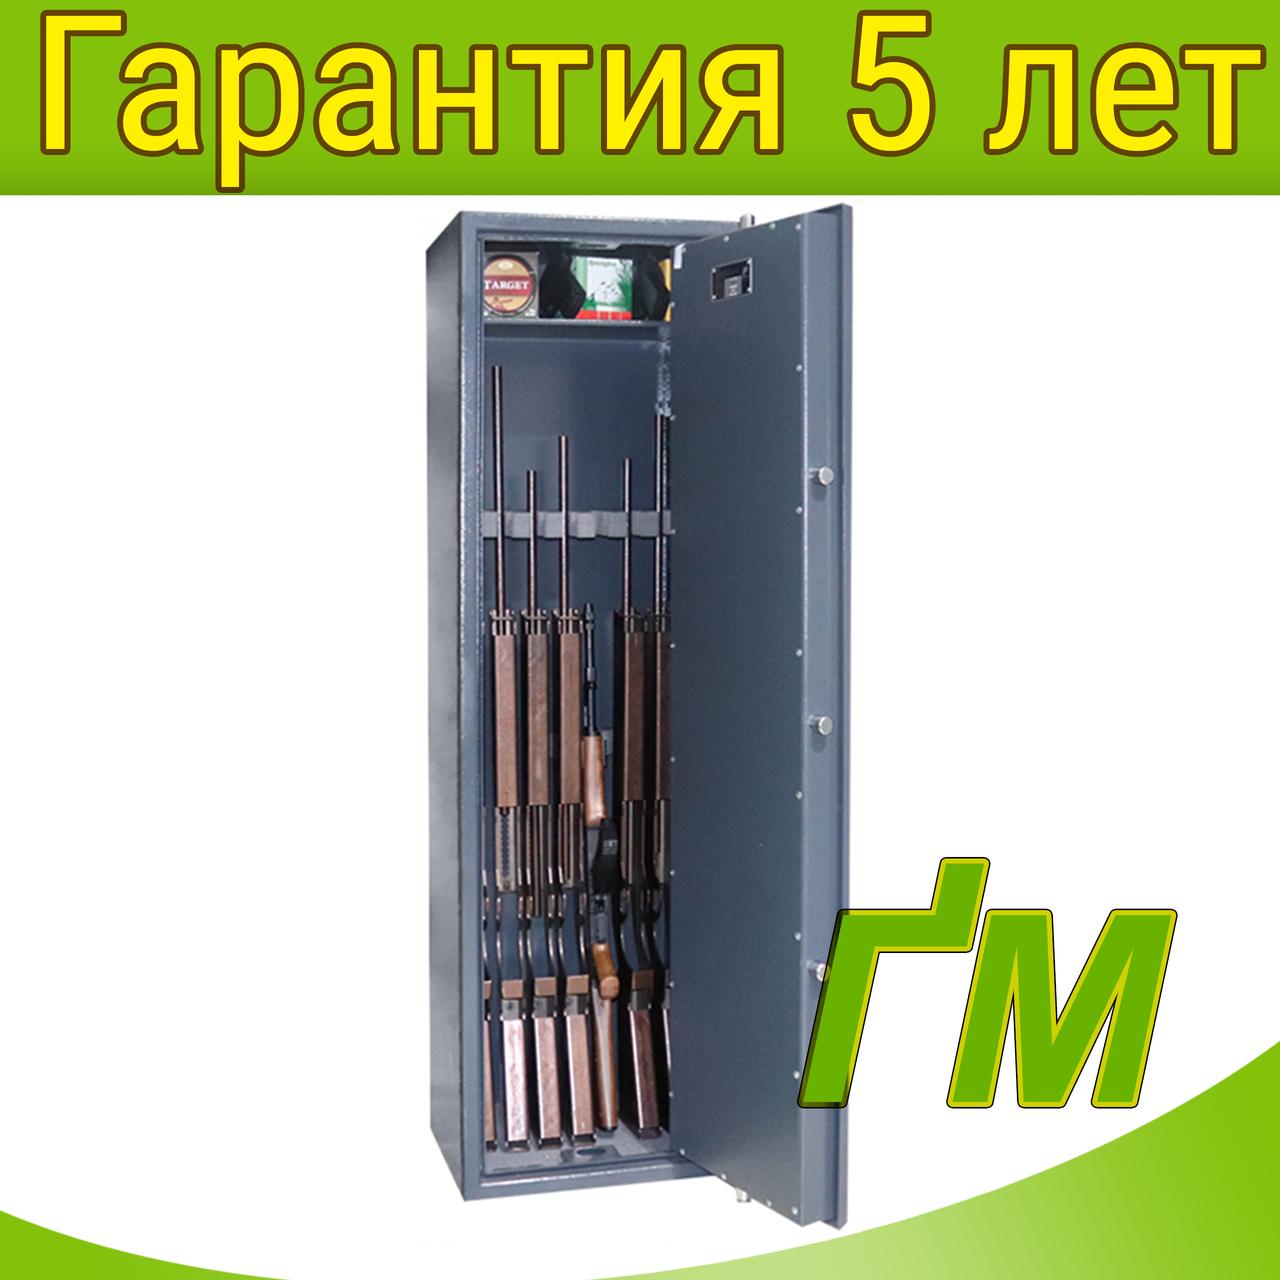 Сейф оружейный GH.450.E (1500х450х395мм)